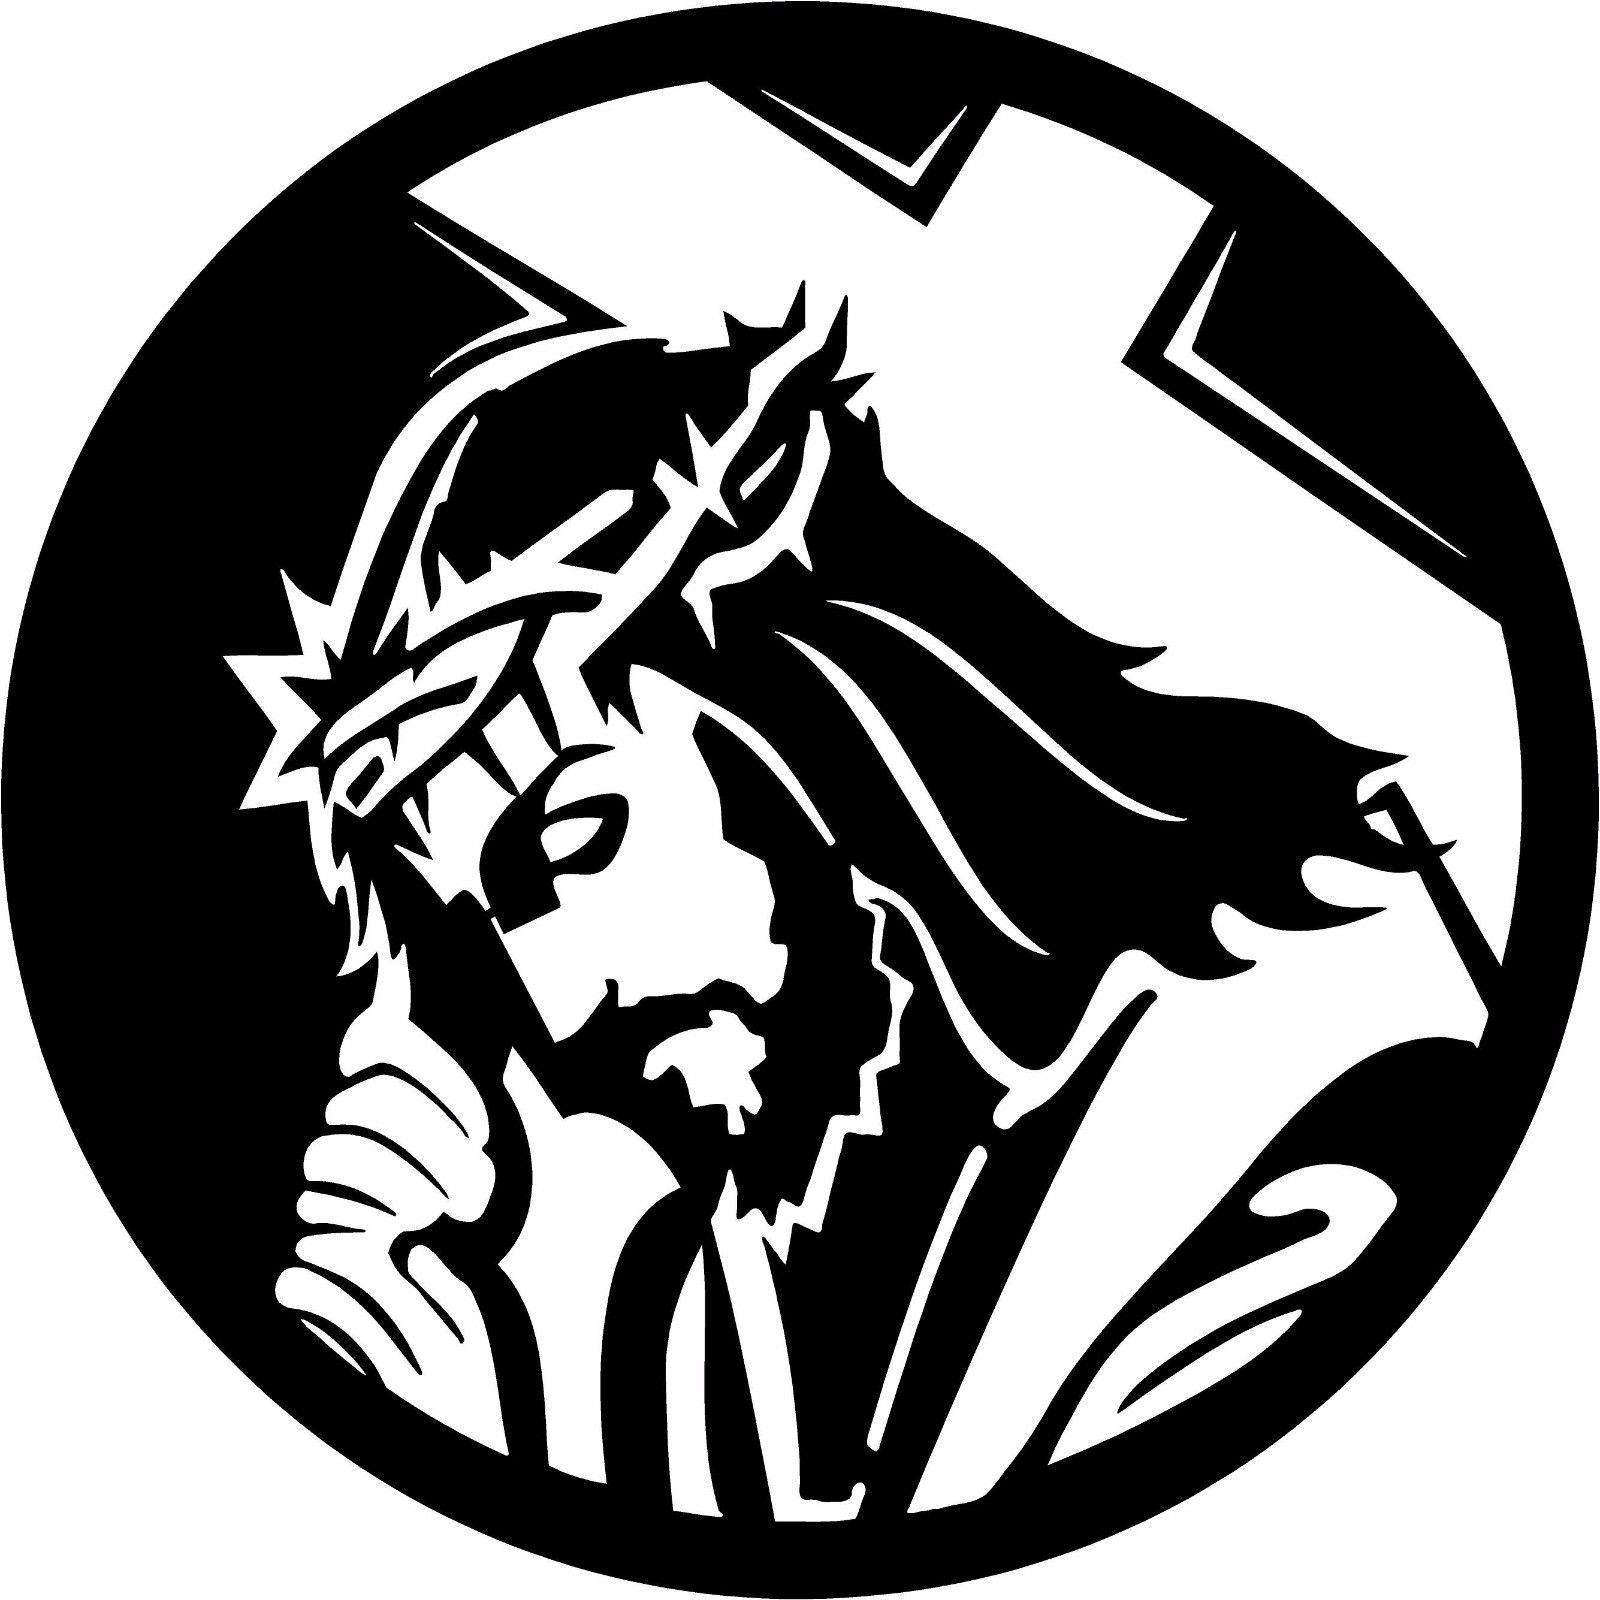 Bible Narratives Drop Shadow Black Glyph Icons Set Resurrected Lazarus,  Stock Vector   Crushpixel